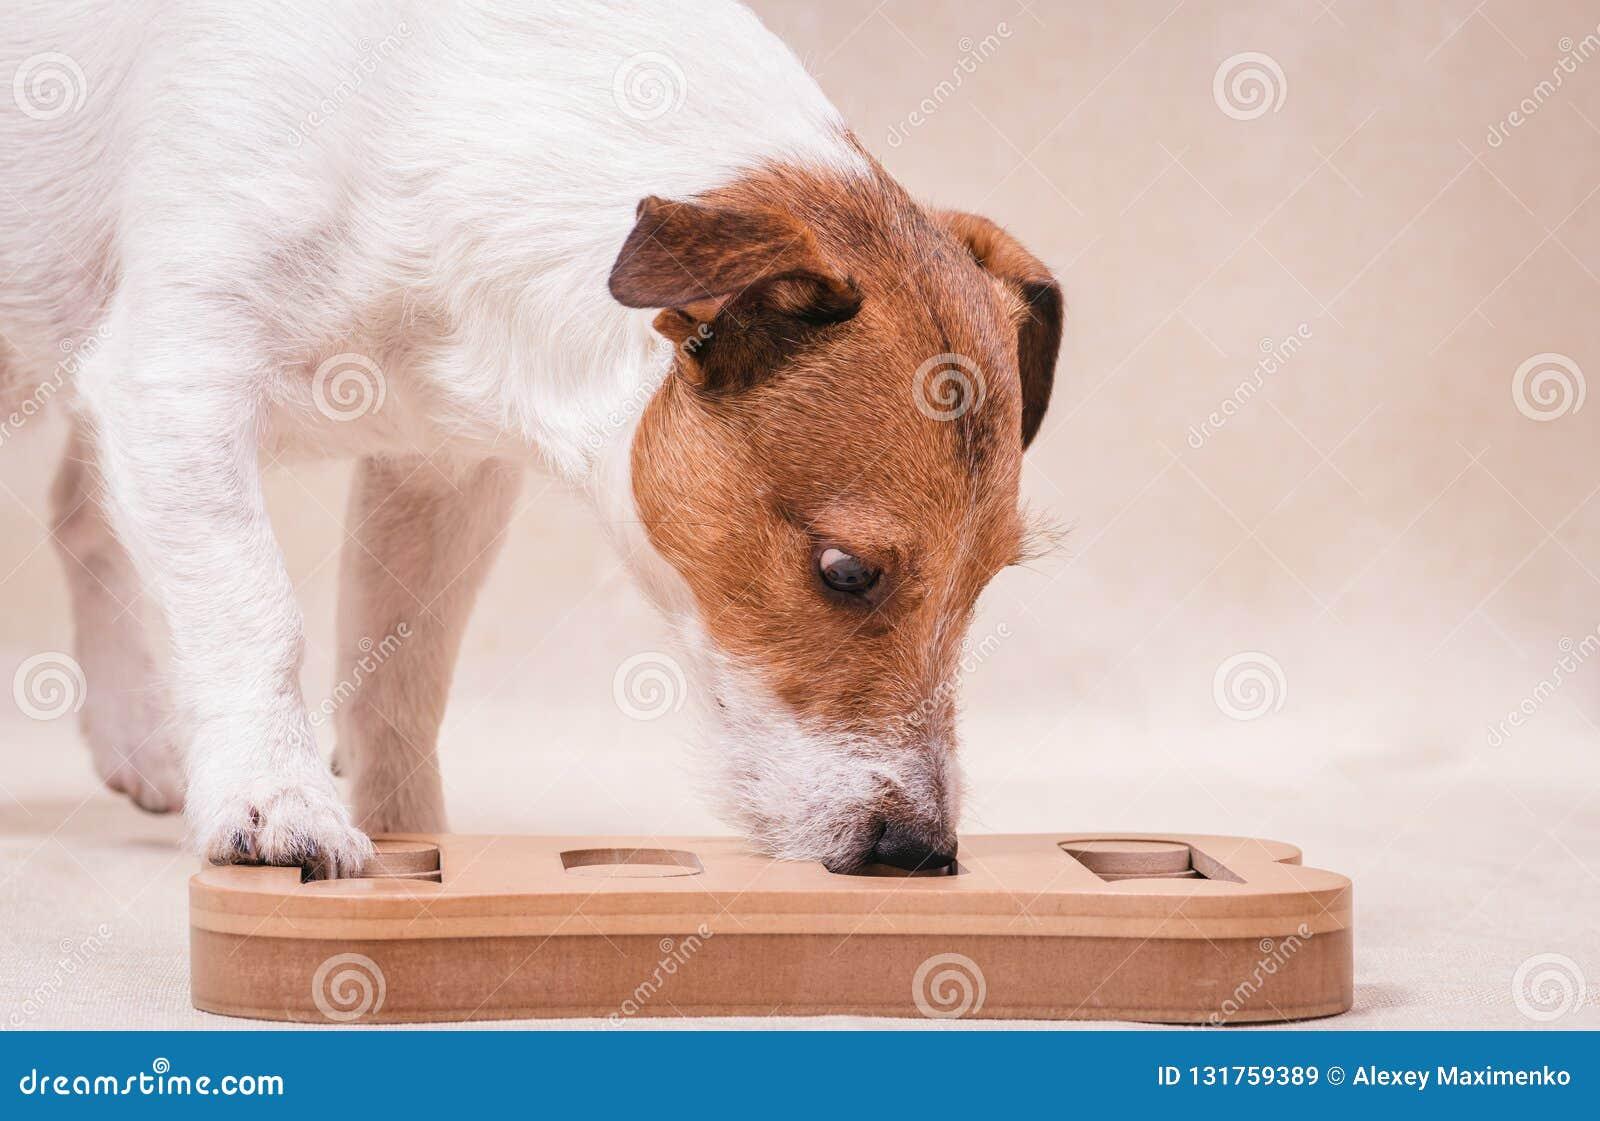 Hund, der Schnüffelnrätselspiel für intellektuelles und nosework Training spielt